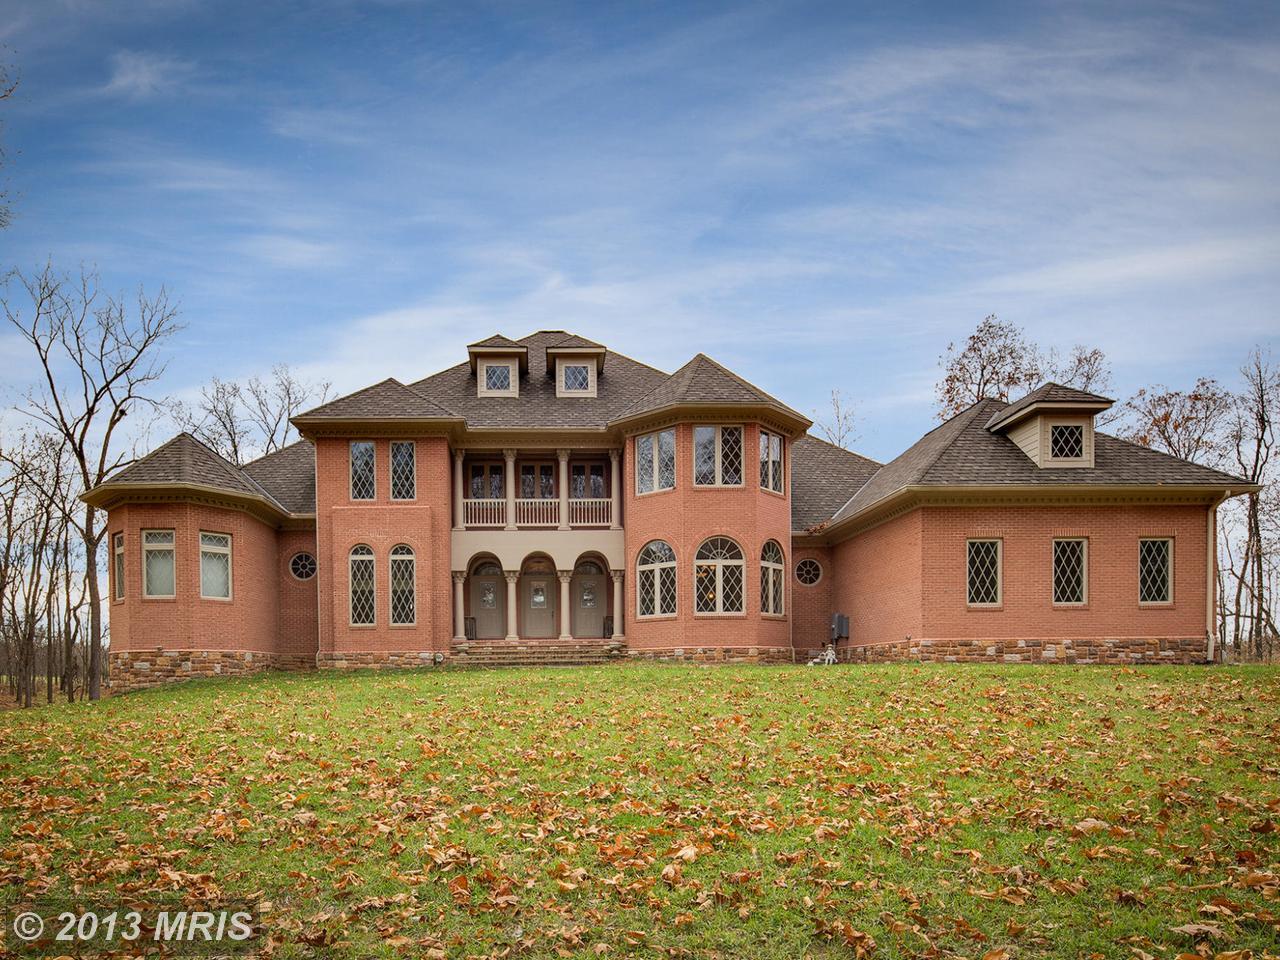 Luxury Homes For Sale In Kearneysville Wv Kearneysville